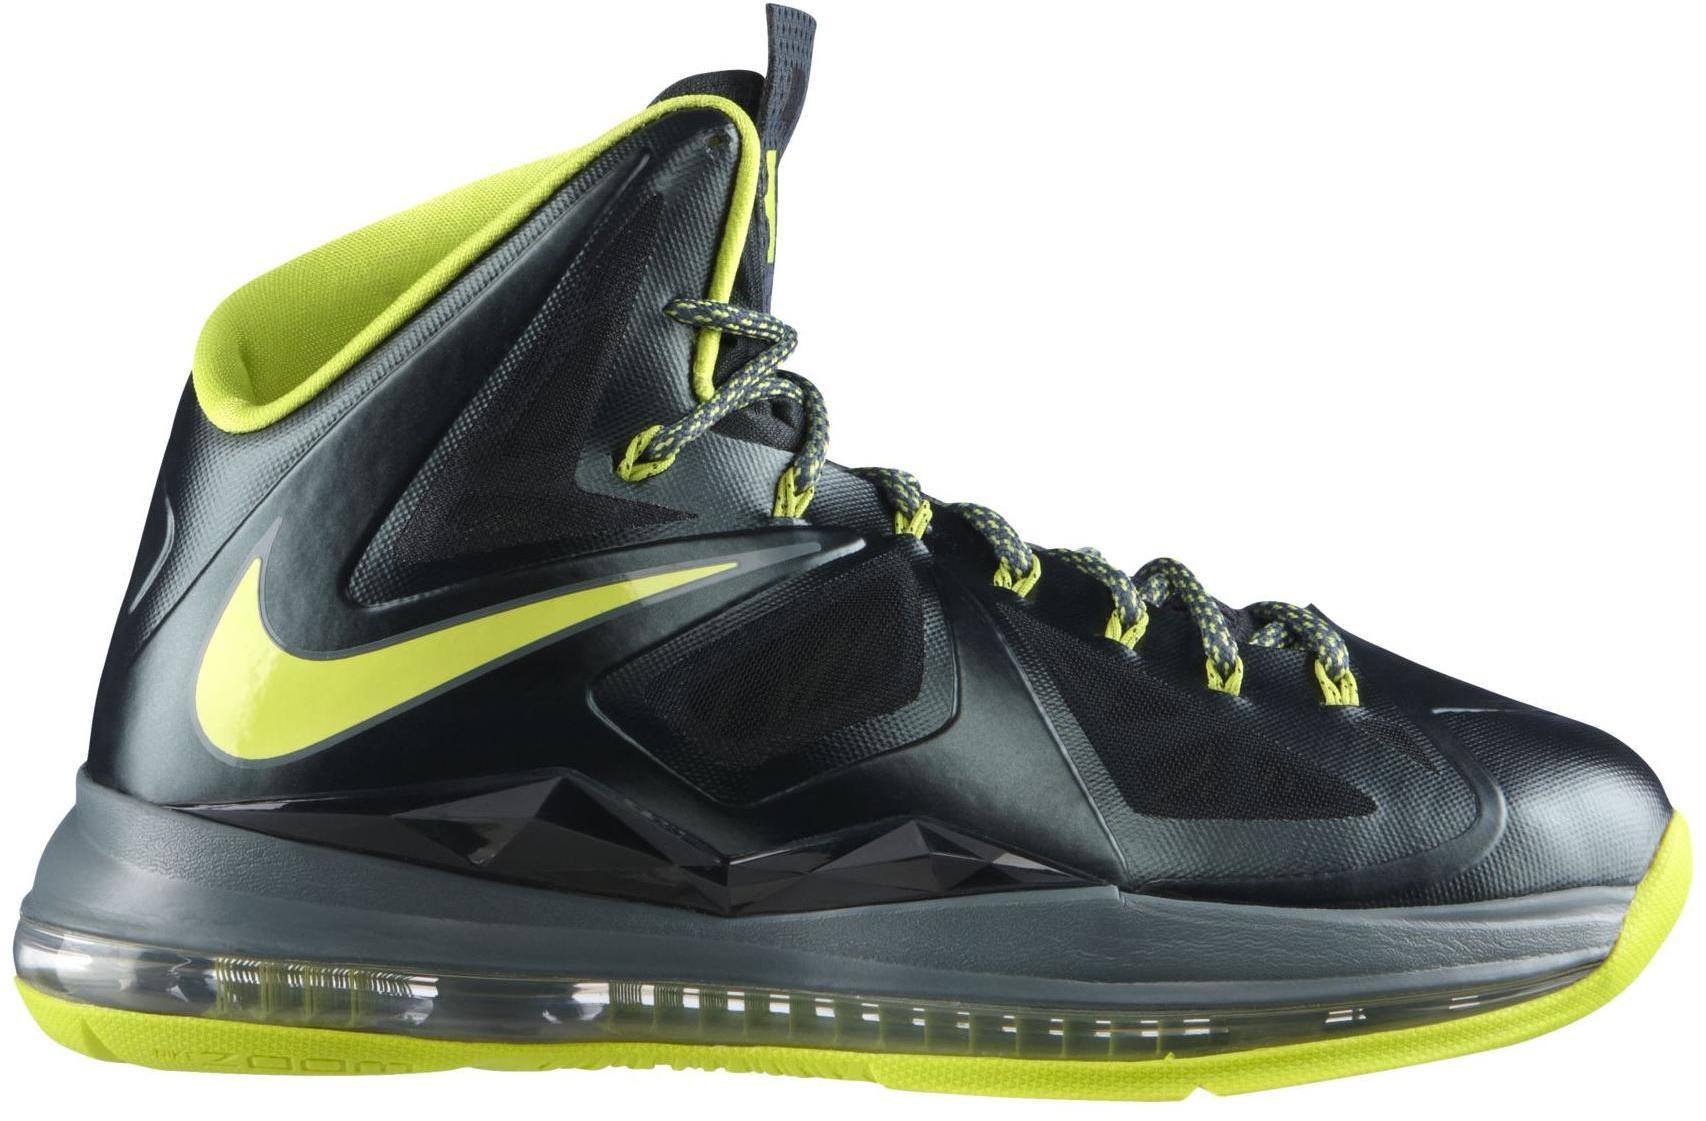 Nike LeBron X Dunkman - 541100-300